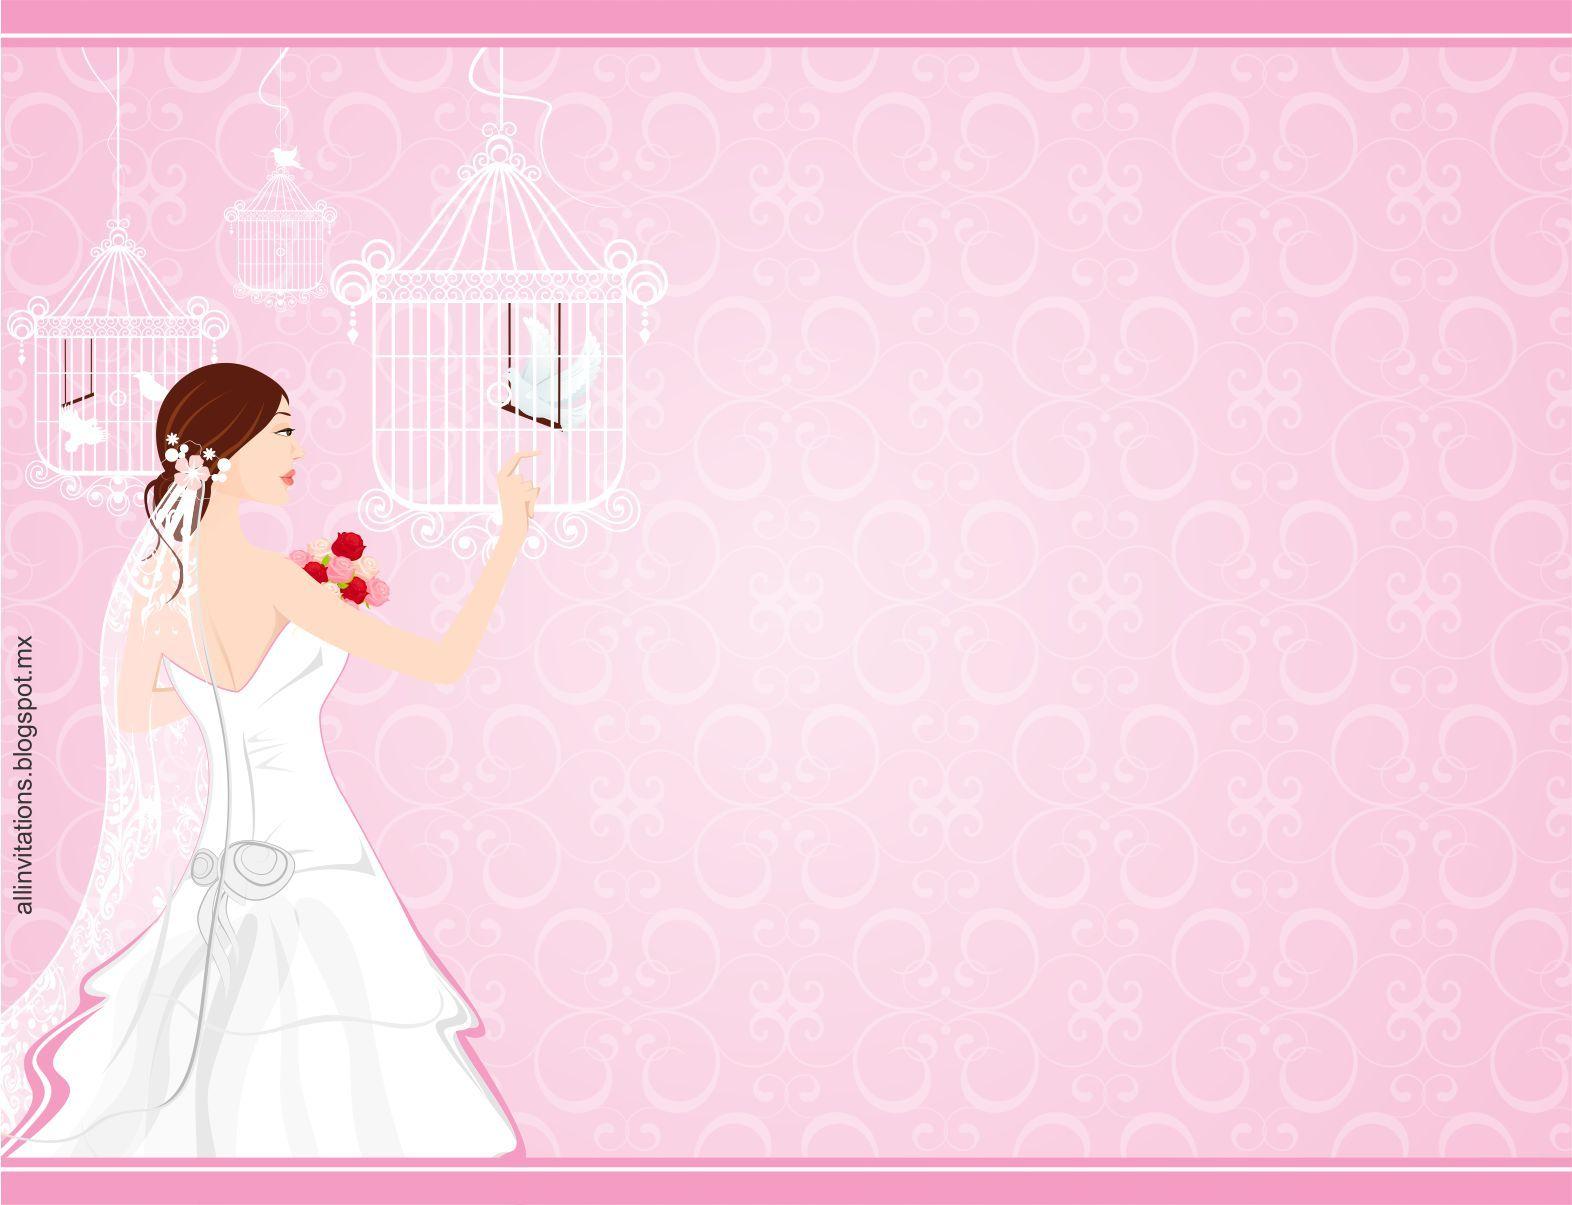 Imágenes de frases de amor para San Valentín